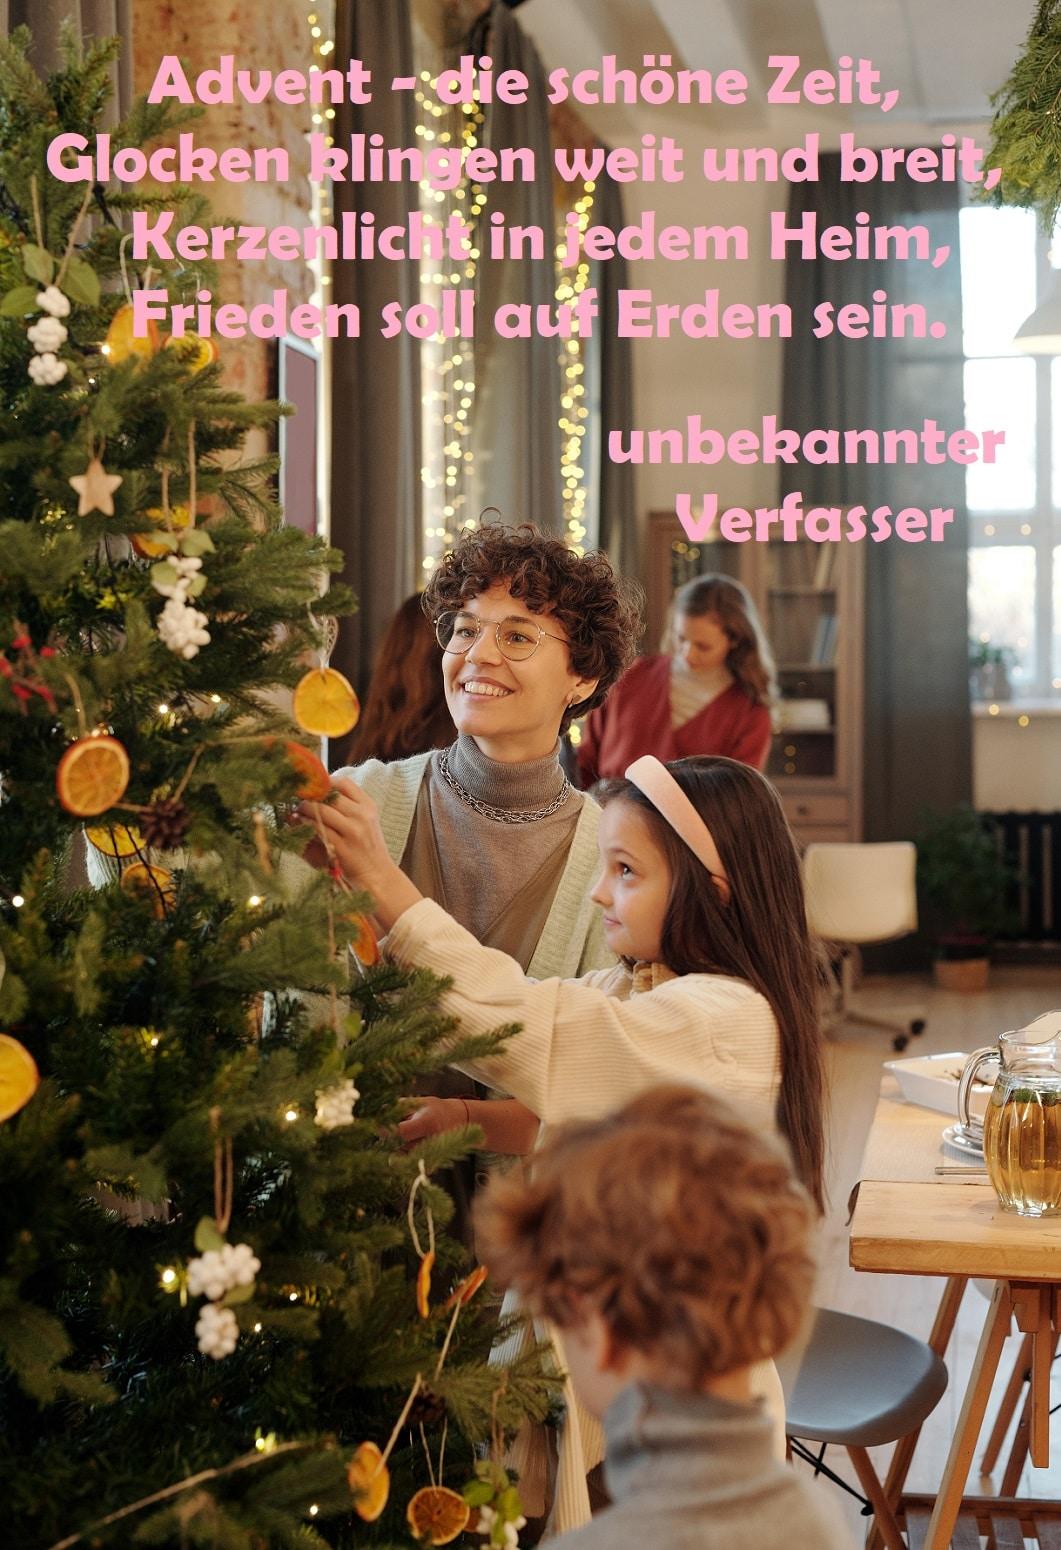 Weihnachtswünsche Bild 4